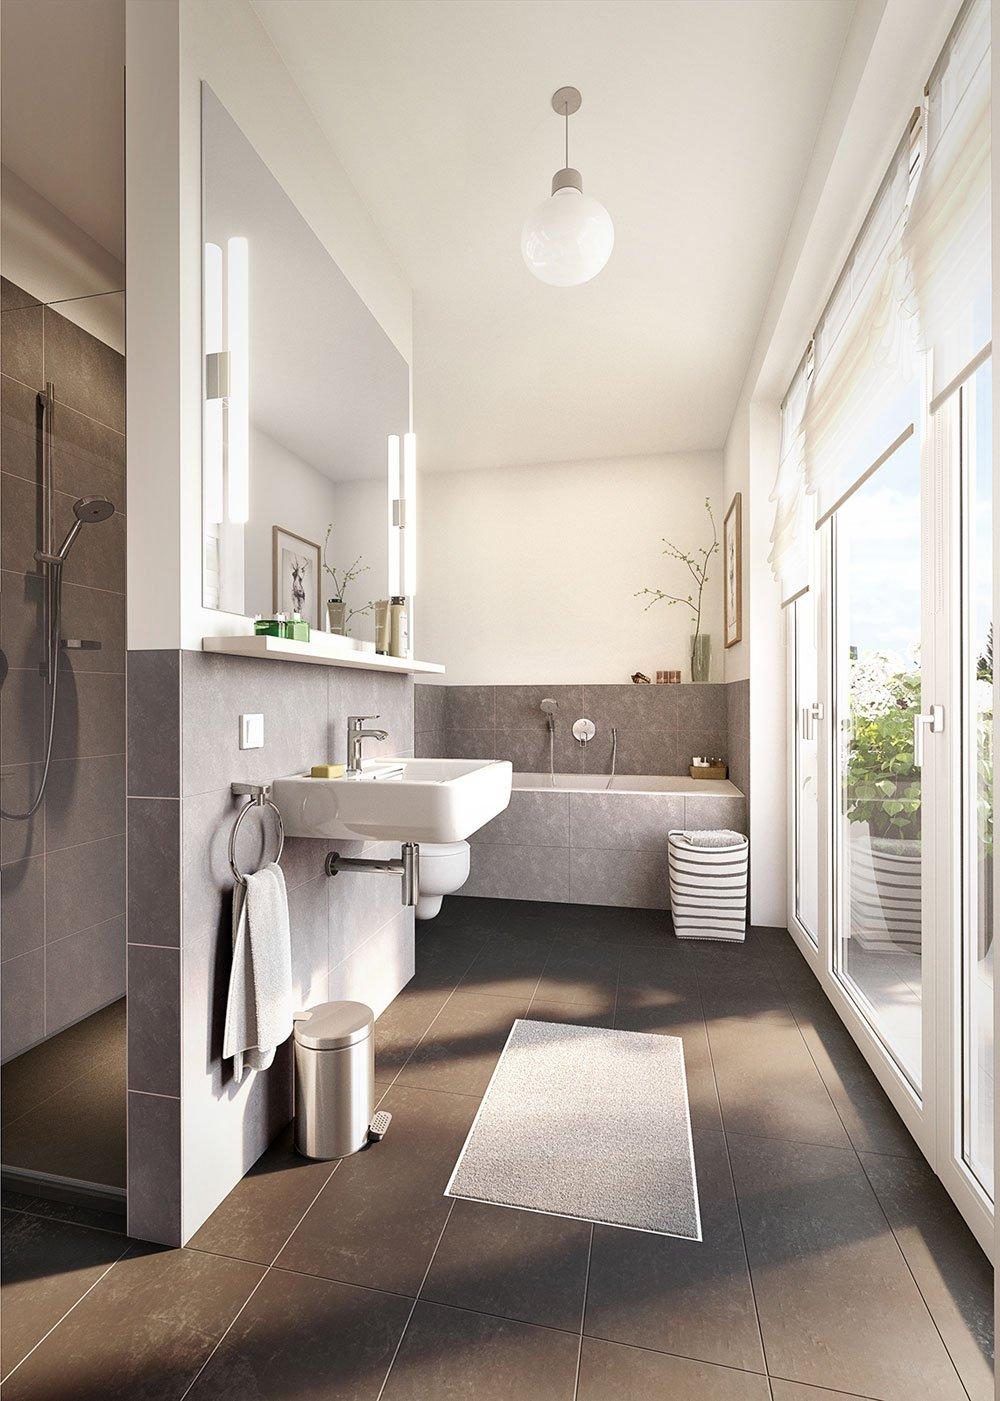 Dusche Beidseitig Offen : YOURS.BERLIN – Berlin-Kreuzberg – allod Immobilien- und